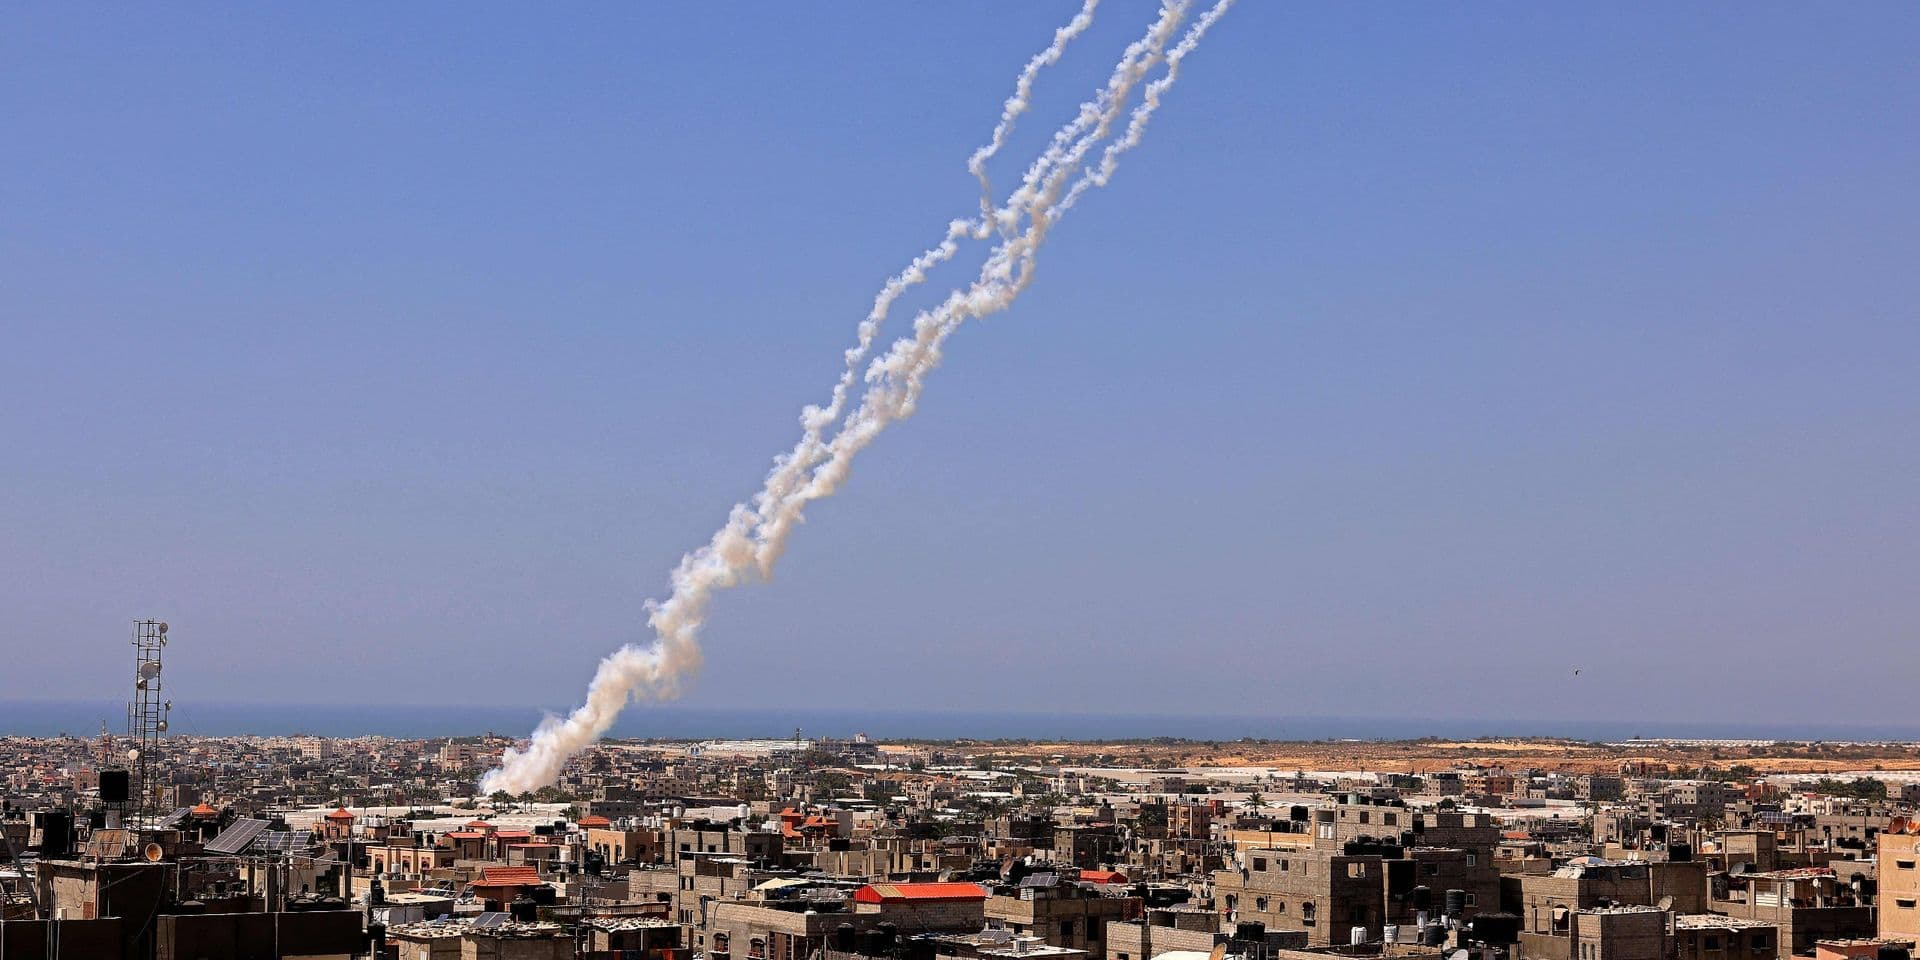 Conflit israélo-palestinien: le Hamas tire quinze roquettes en direction d'un réacteur nucléaire israélien